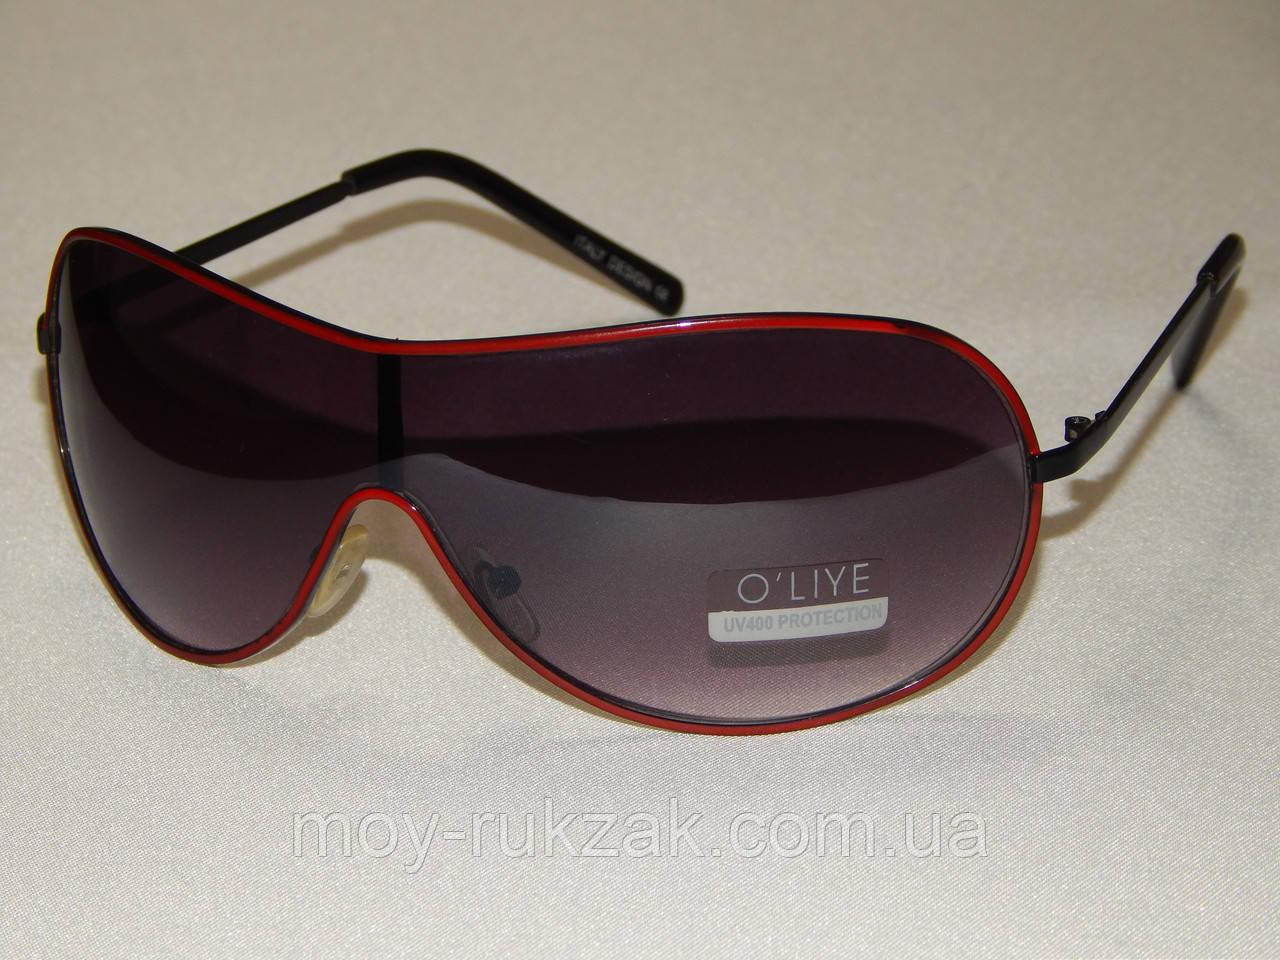 Солнцезащитные очки, маска, красная оправа 790126